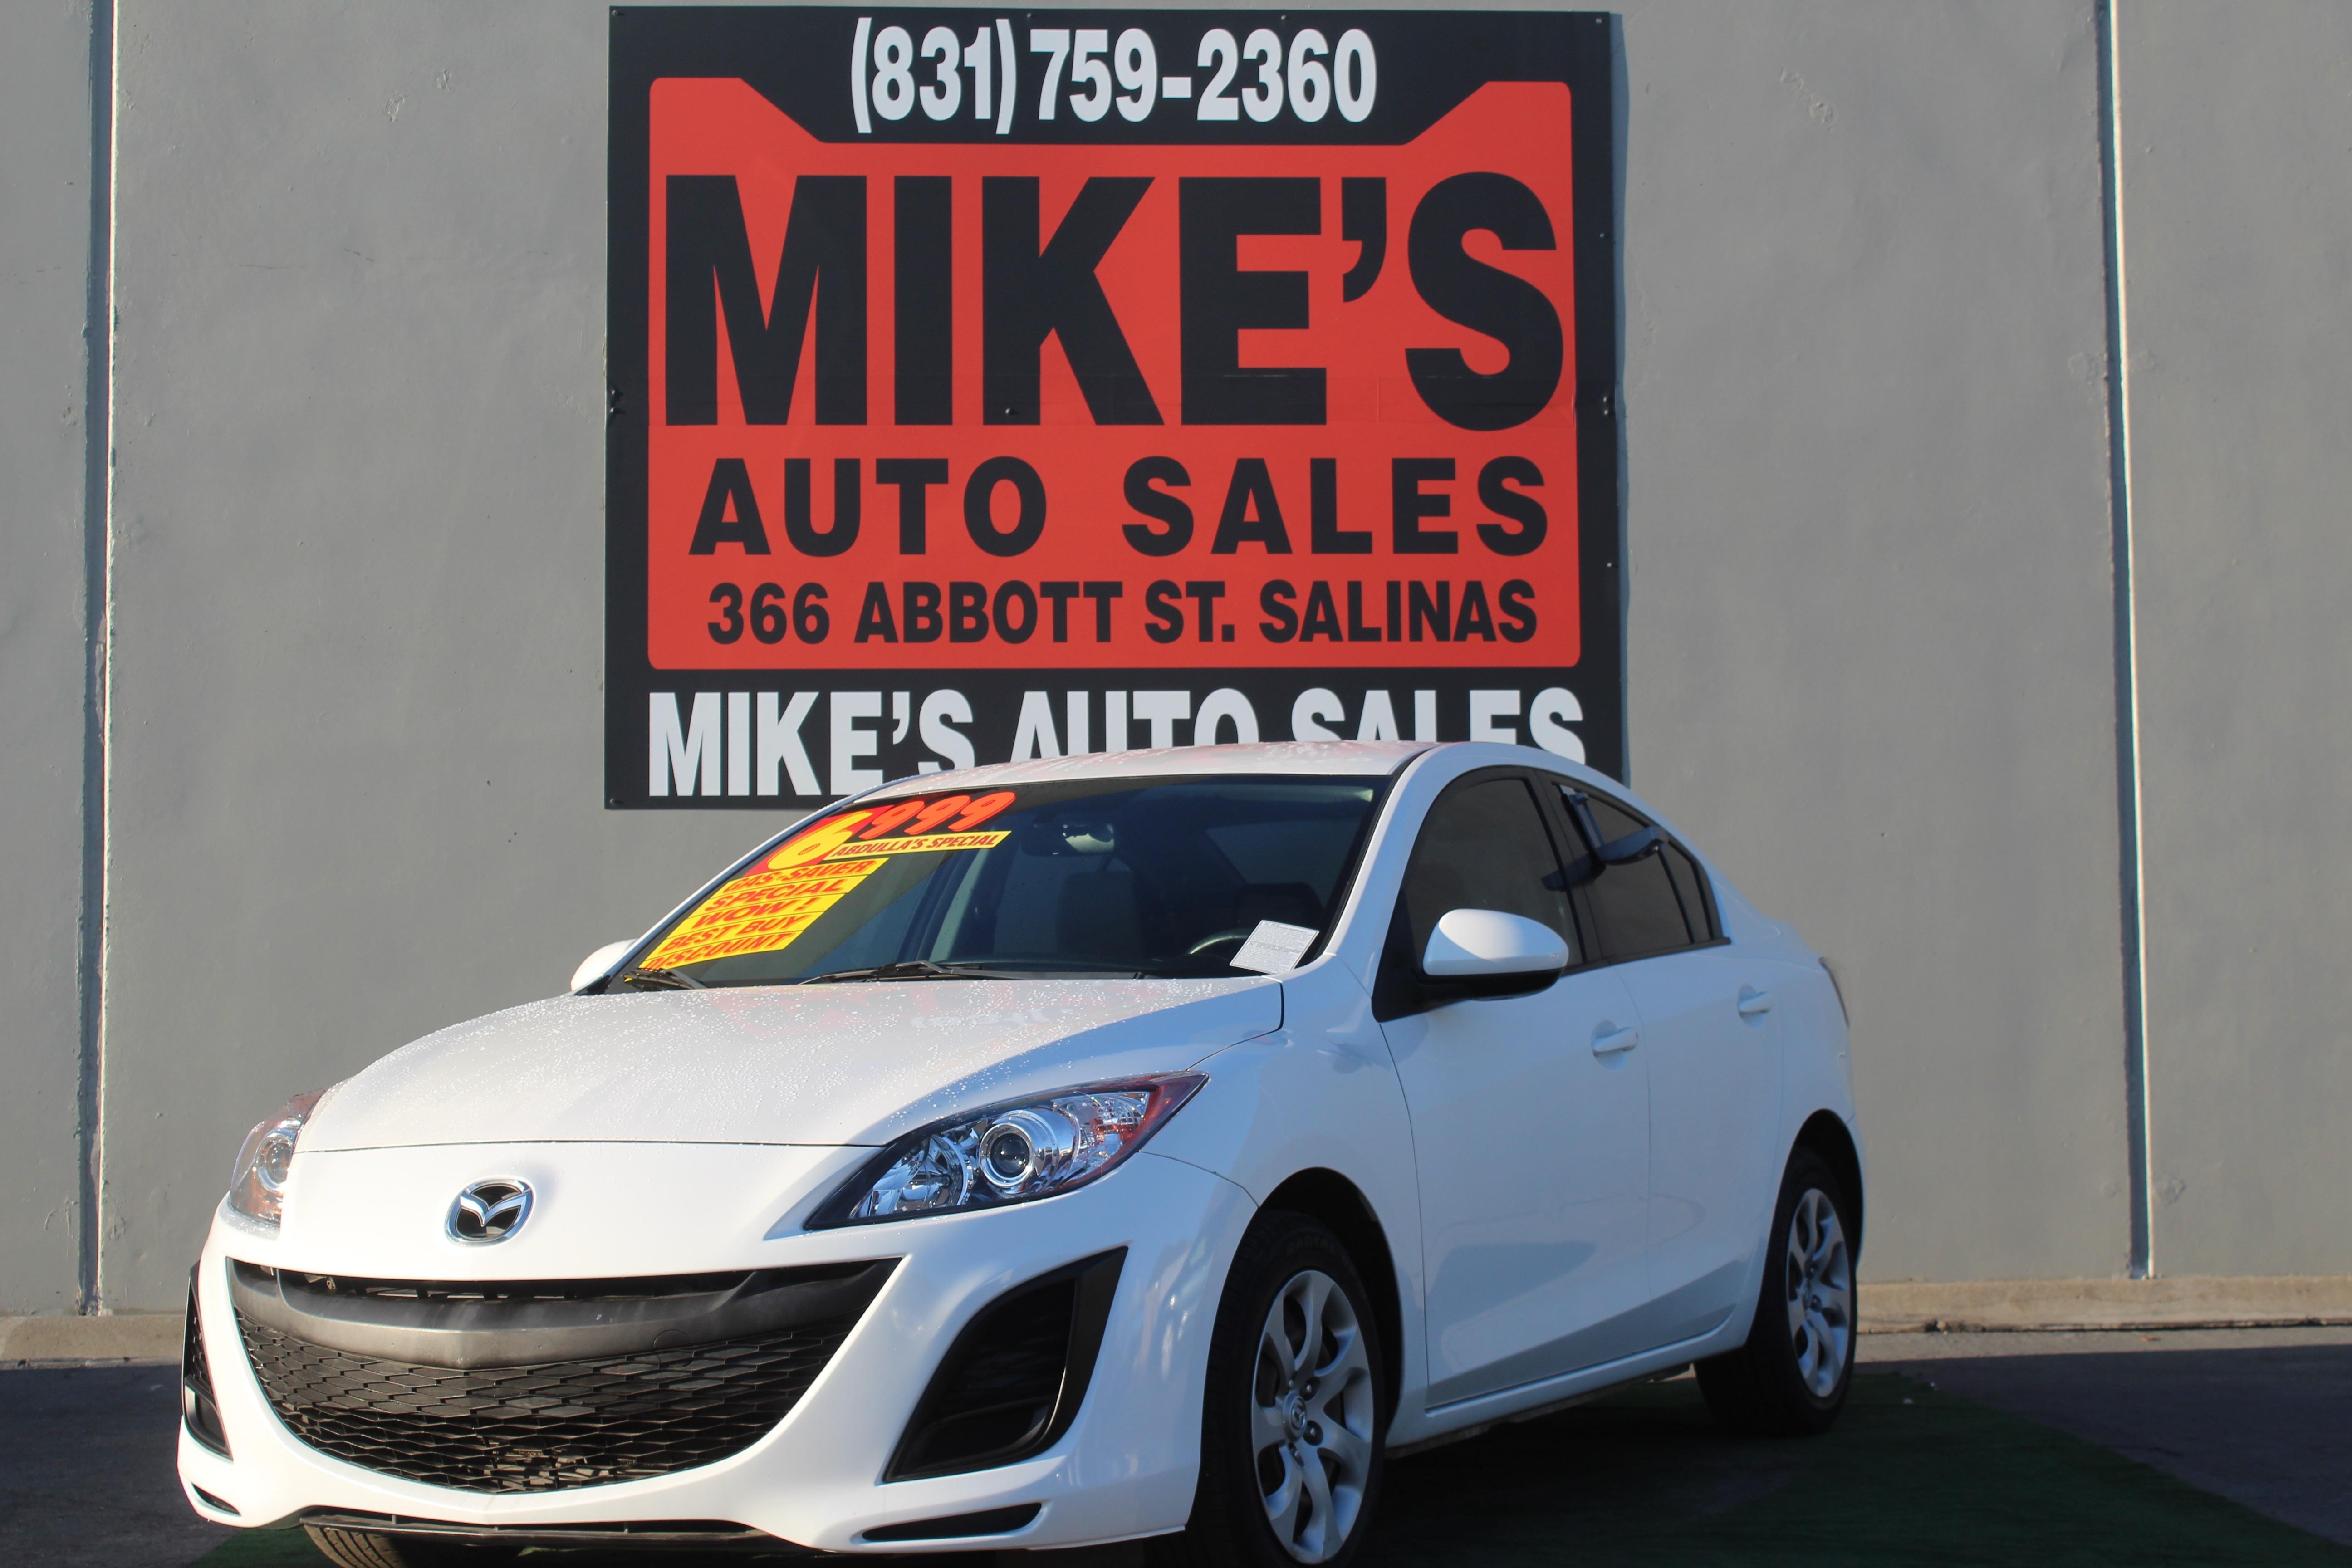 2011 Mazda Mazda3 4dr Sdn Auto i Sport in Salinas, CA